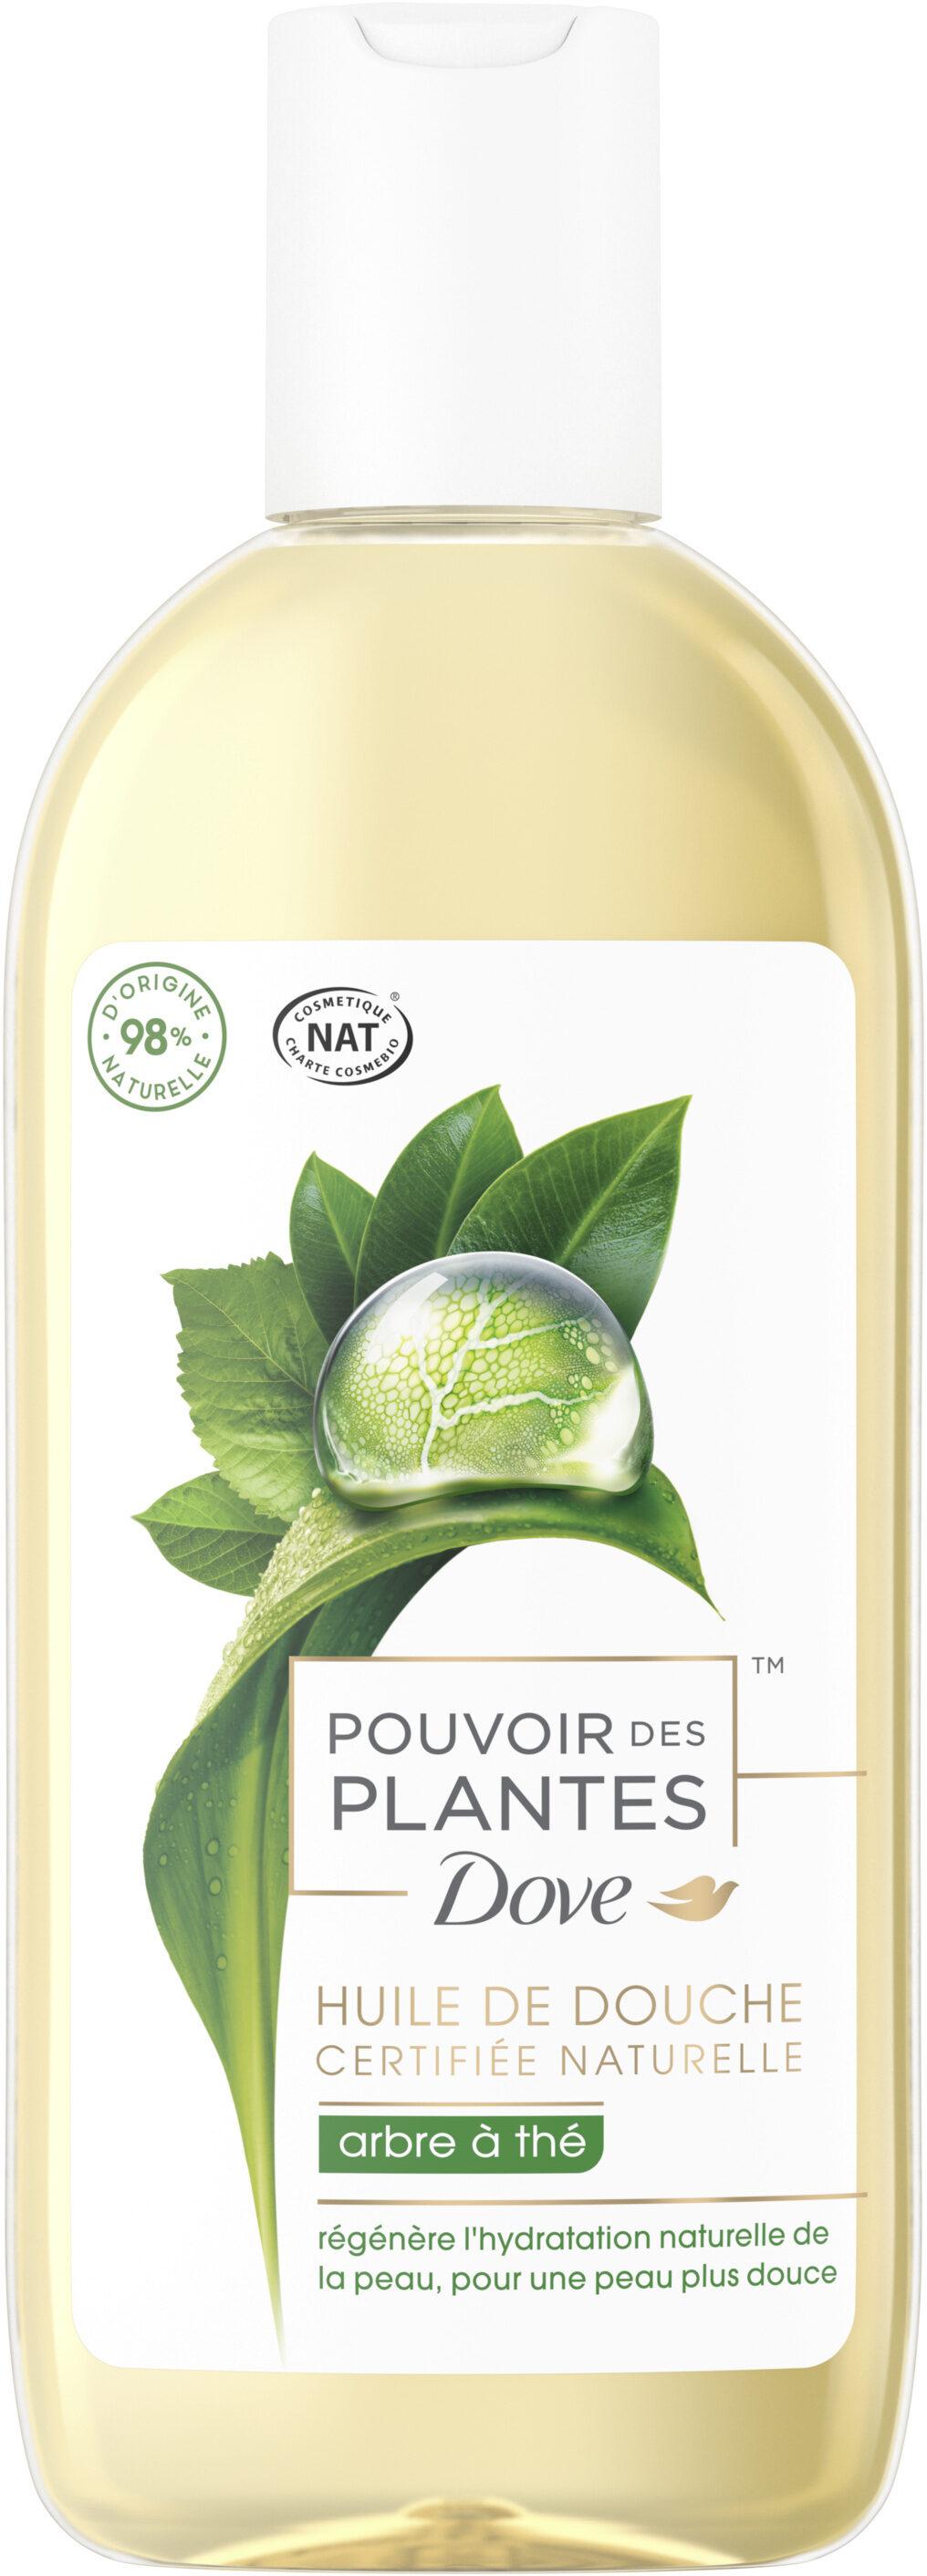 Dove Huile de Douche Pouvoir des Plantes Arbre à Thé - Product - fr